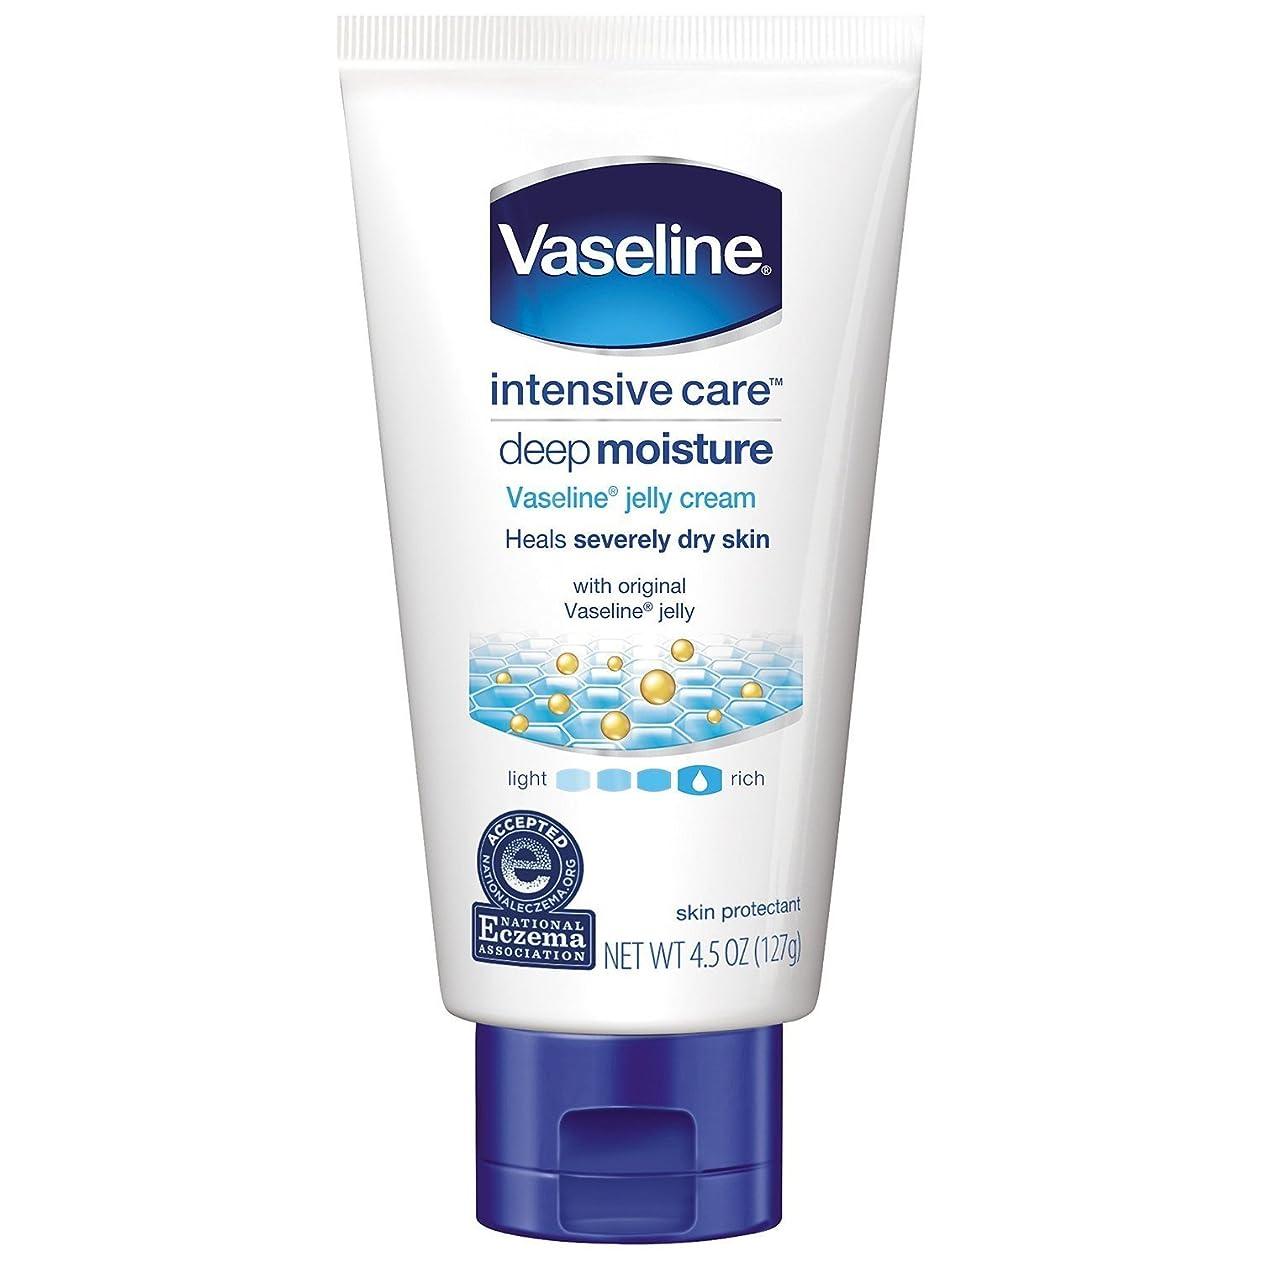 トリクル定期的信条Vaseline intensive care deep moisture jelly cream 4.5oz(127g) ヴァセリン インテンシブケア ディープ モイスチュア ジェリークリーム